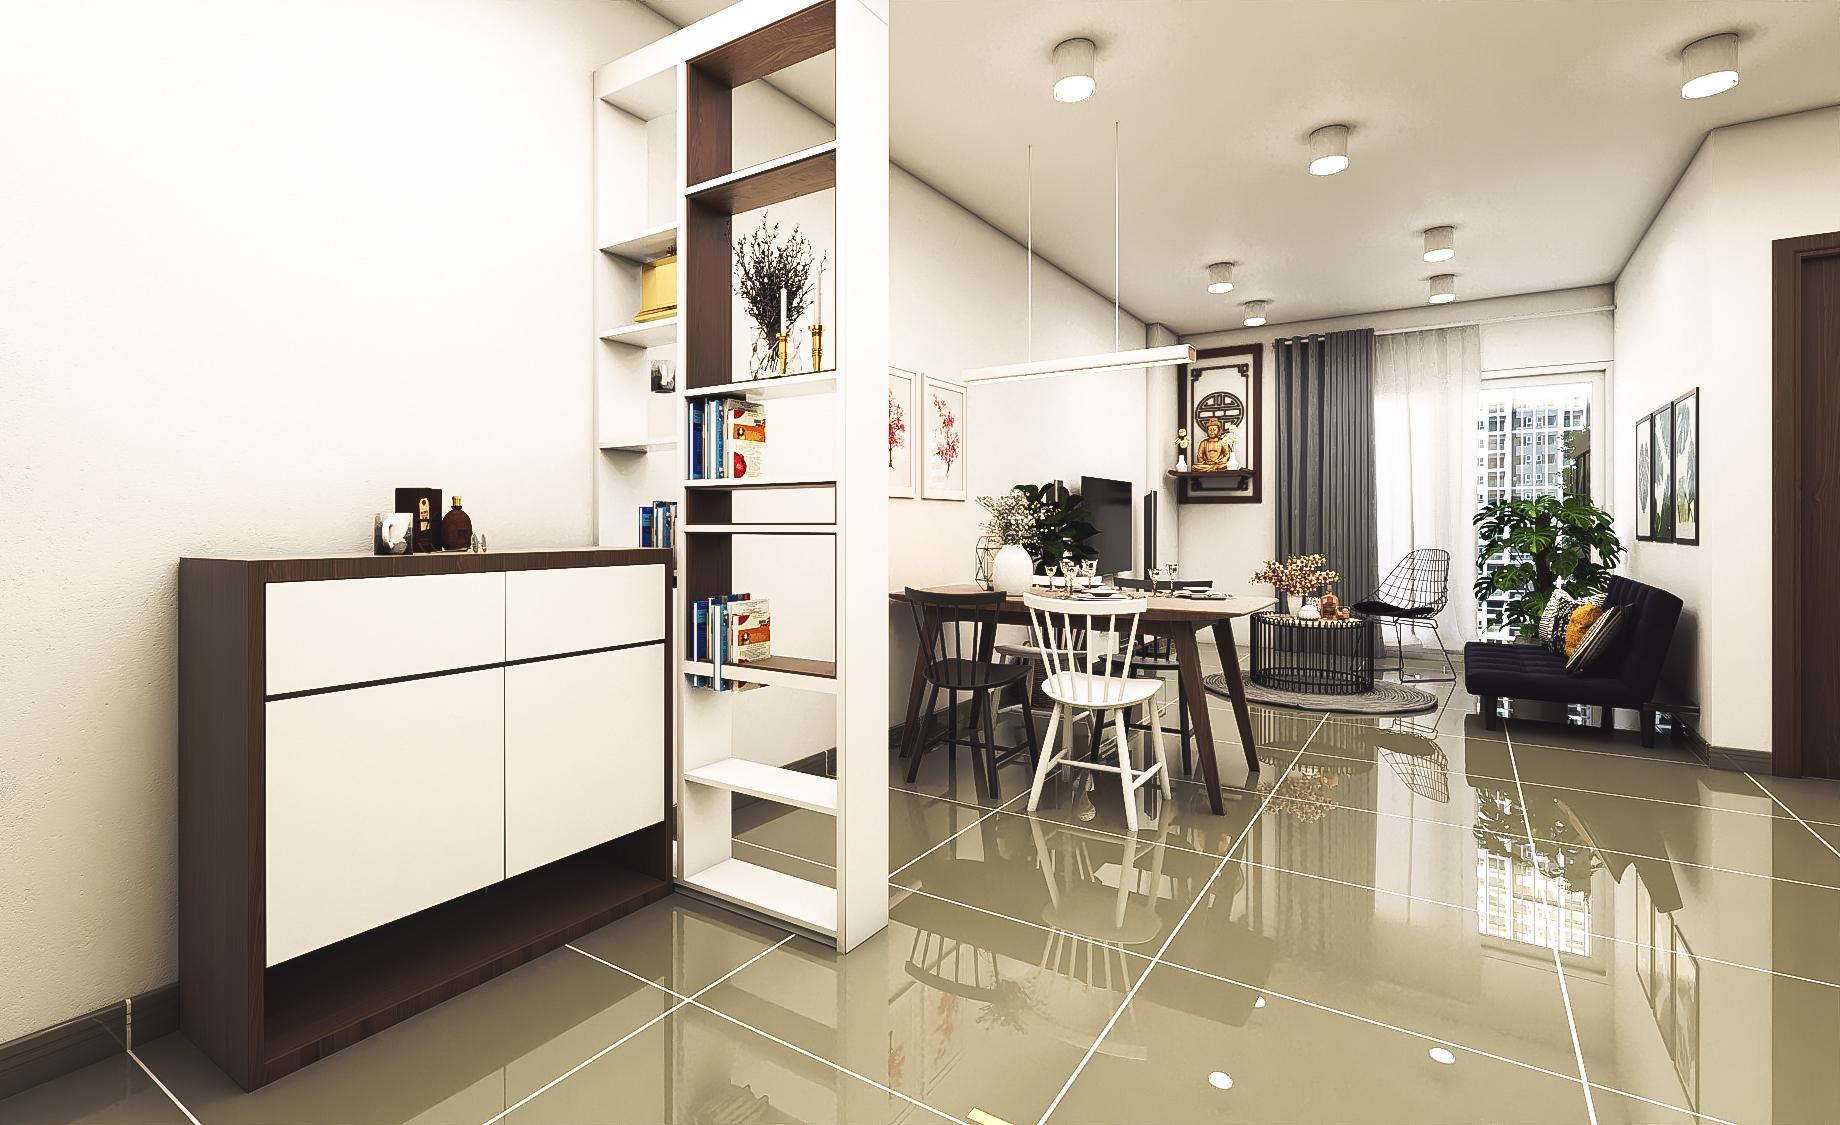 Thiết kế nội thất Chung Cư tại Hồ Chí Minh CĂN HỘ CHỊ TRÚC Q8 1576045381 21